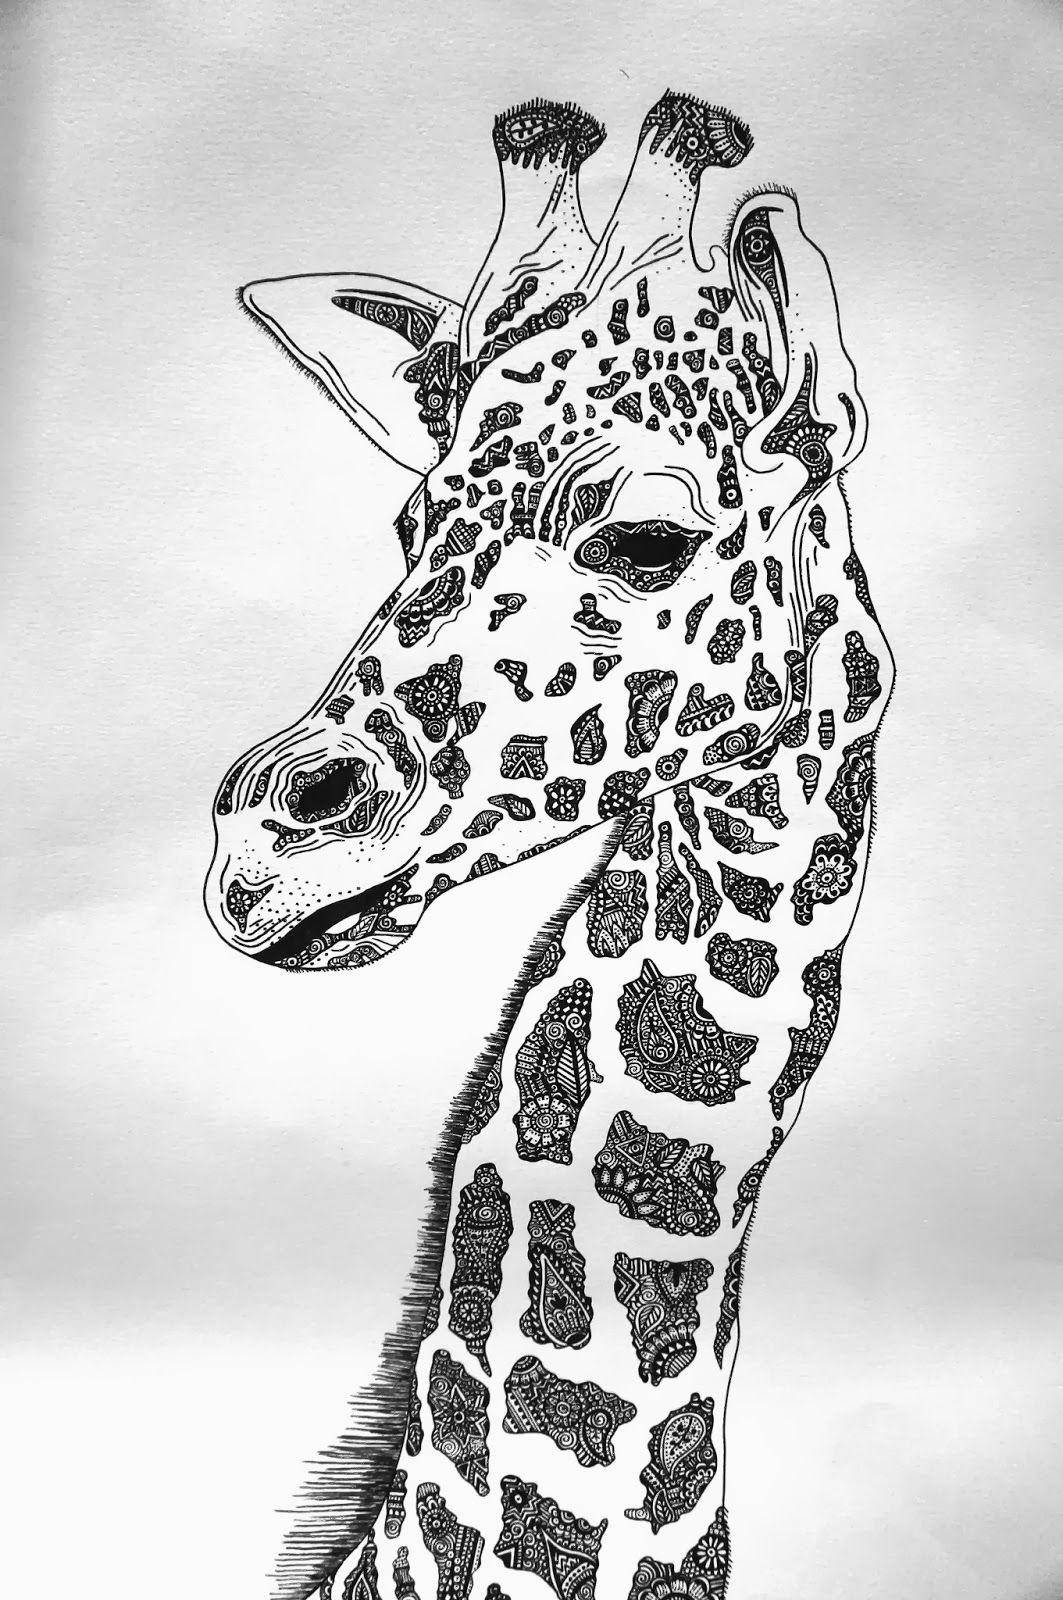 Uncategorized Giraffe Drawings giraffe drawing